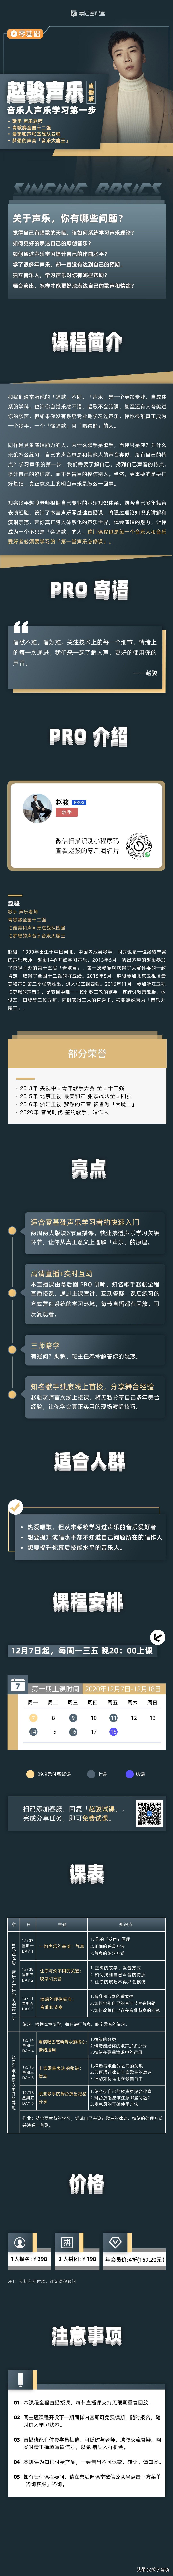 赵骏:音乐人声乐学习第一步(视频不加密)